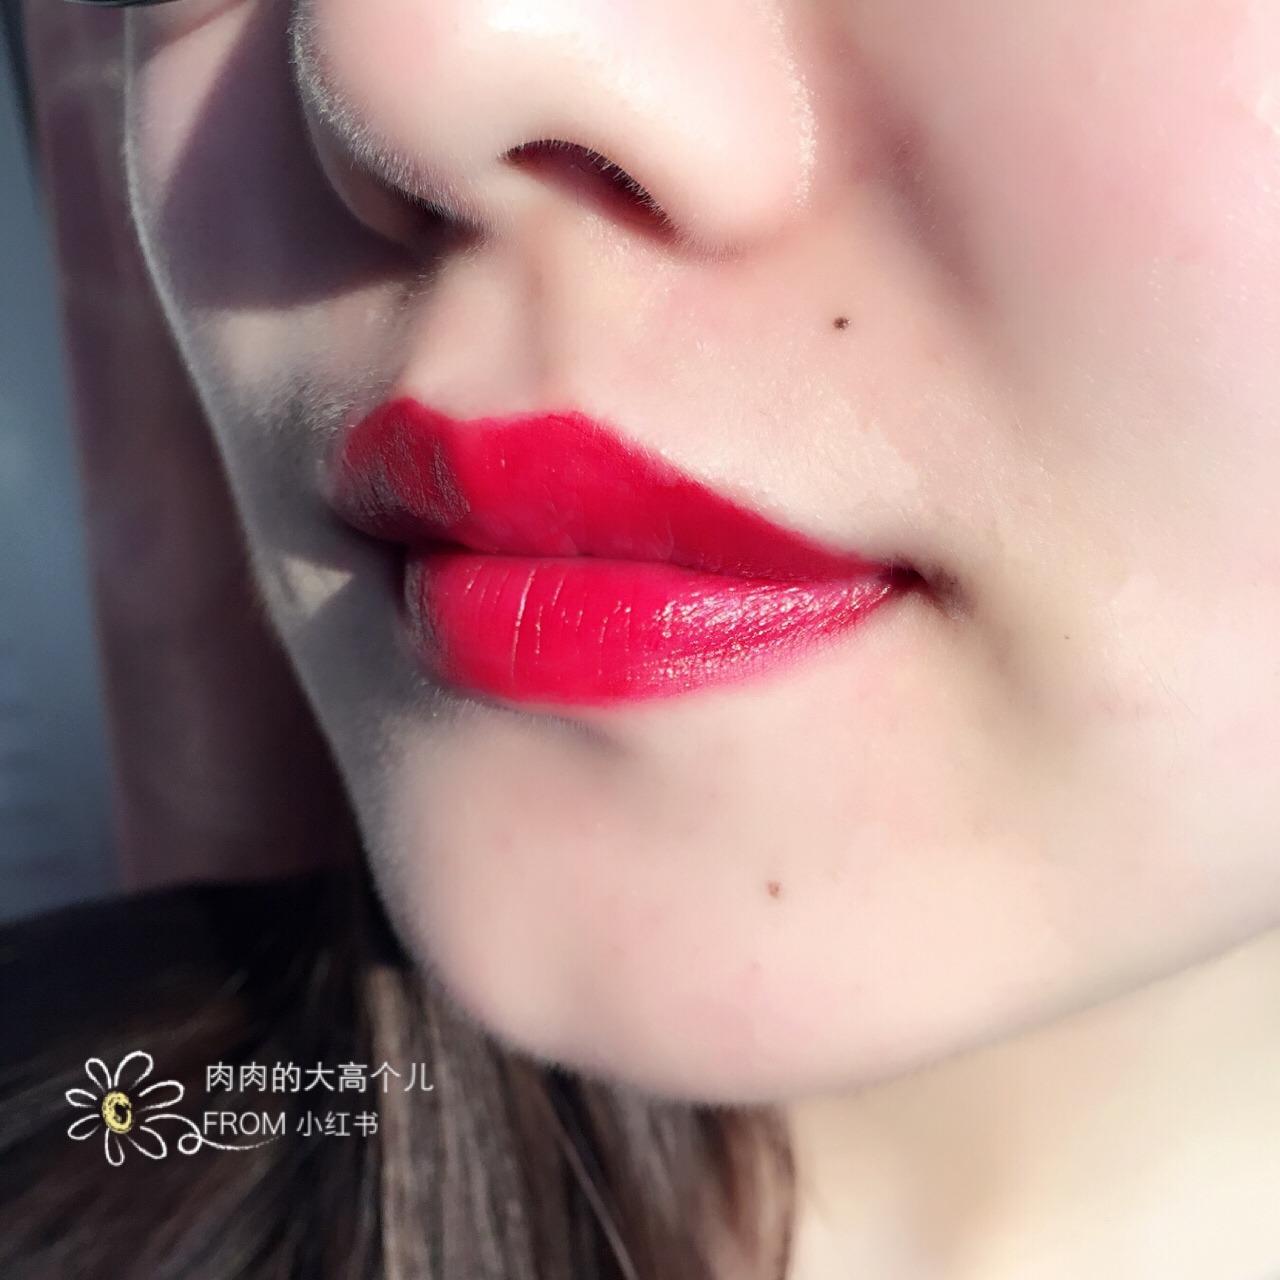 其实我平时涂的颜色很浅,就是拿着口红点点点,嘴巴的颜色会是非常